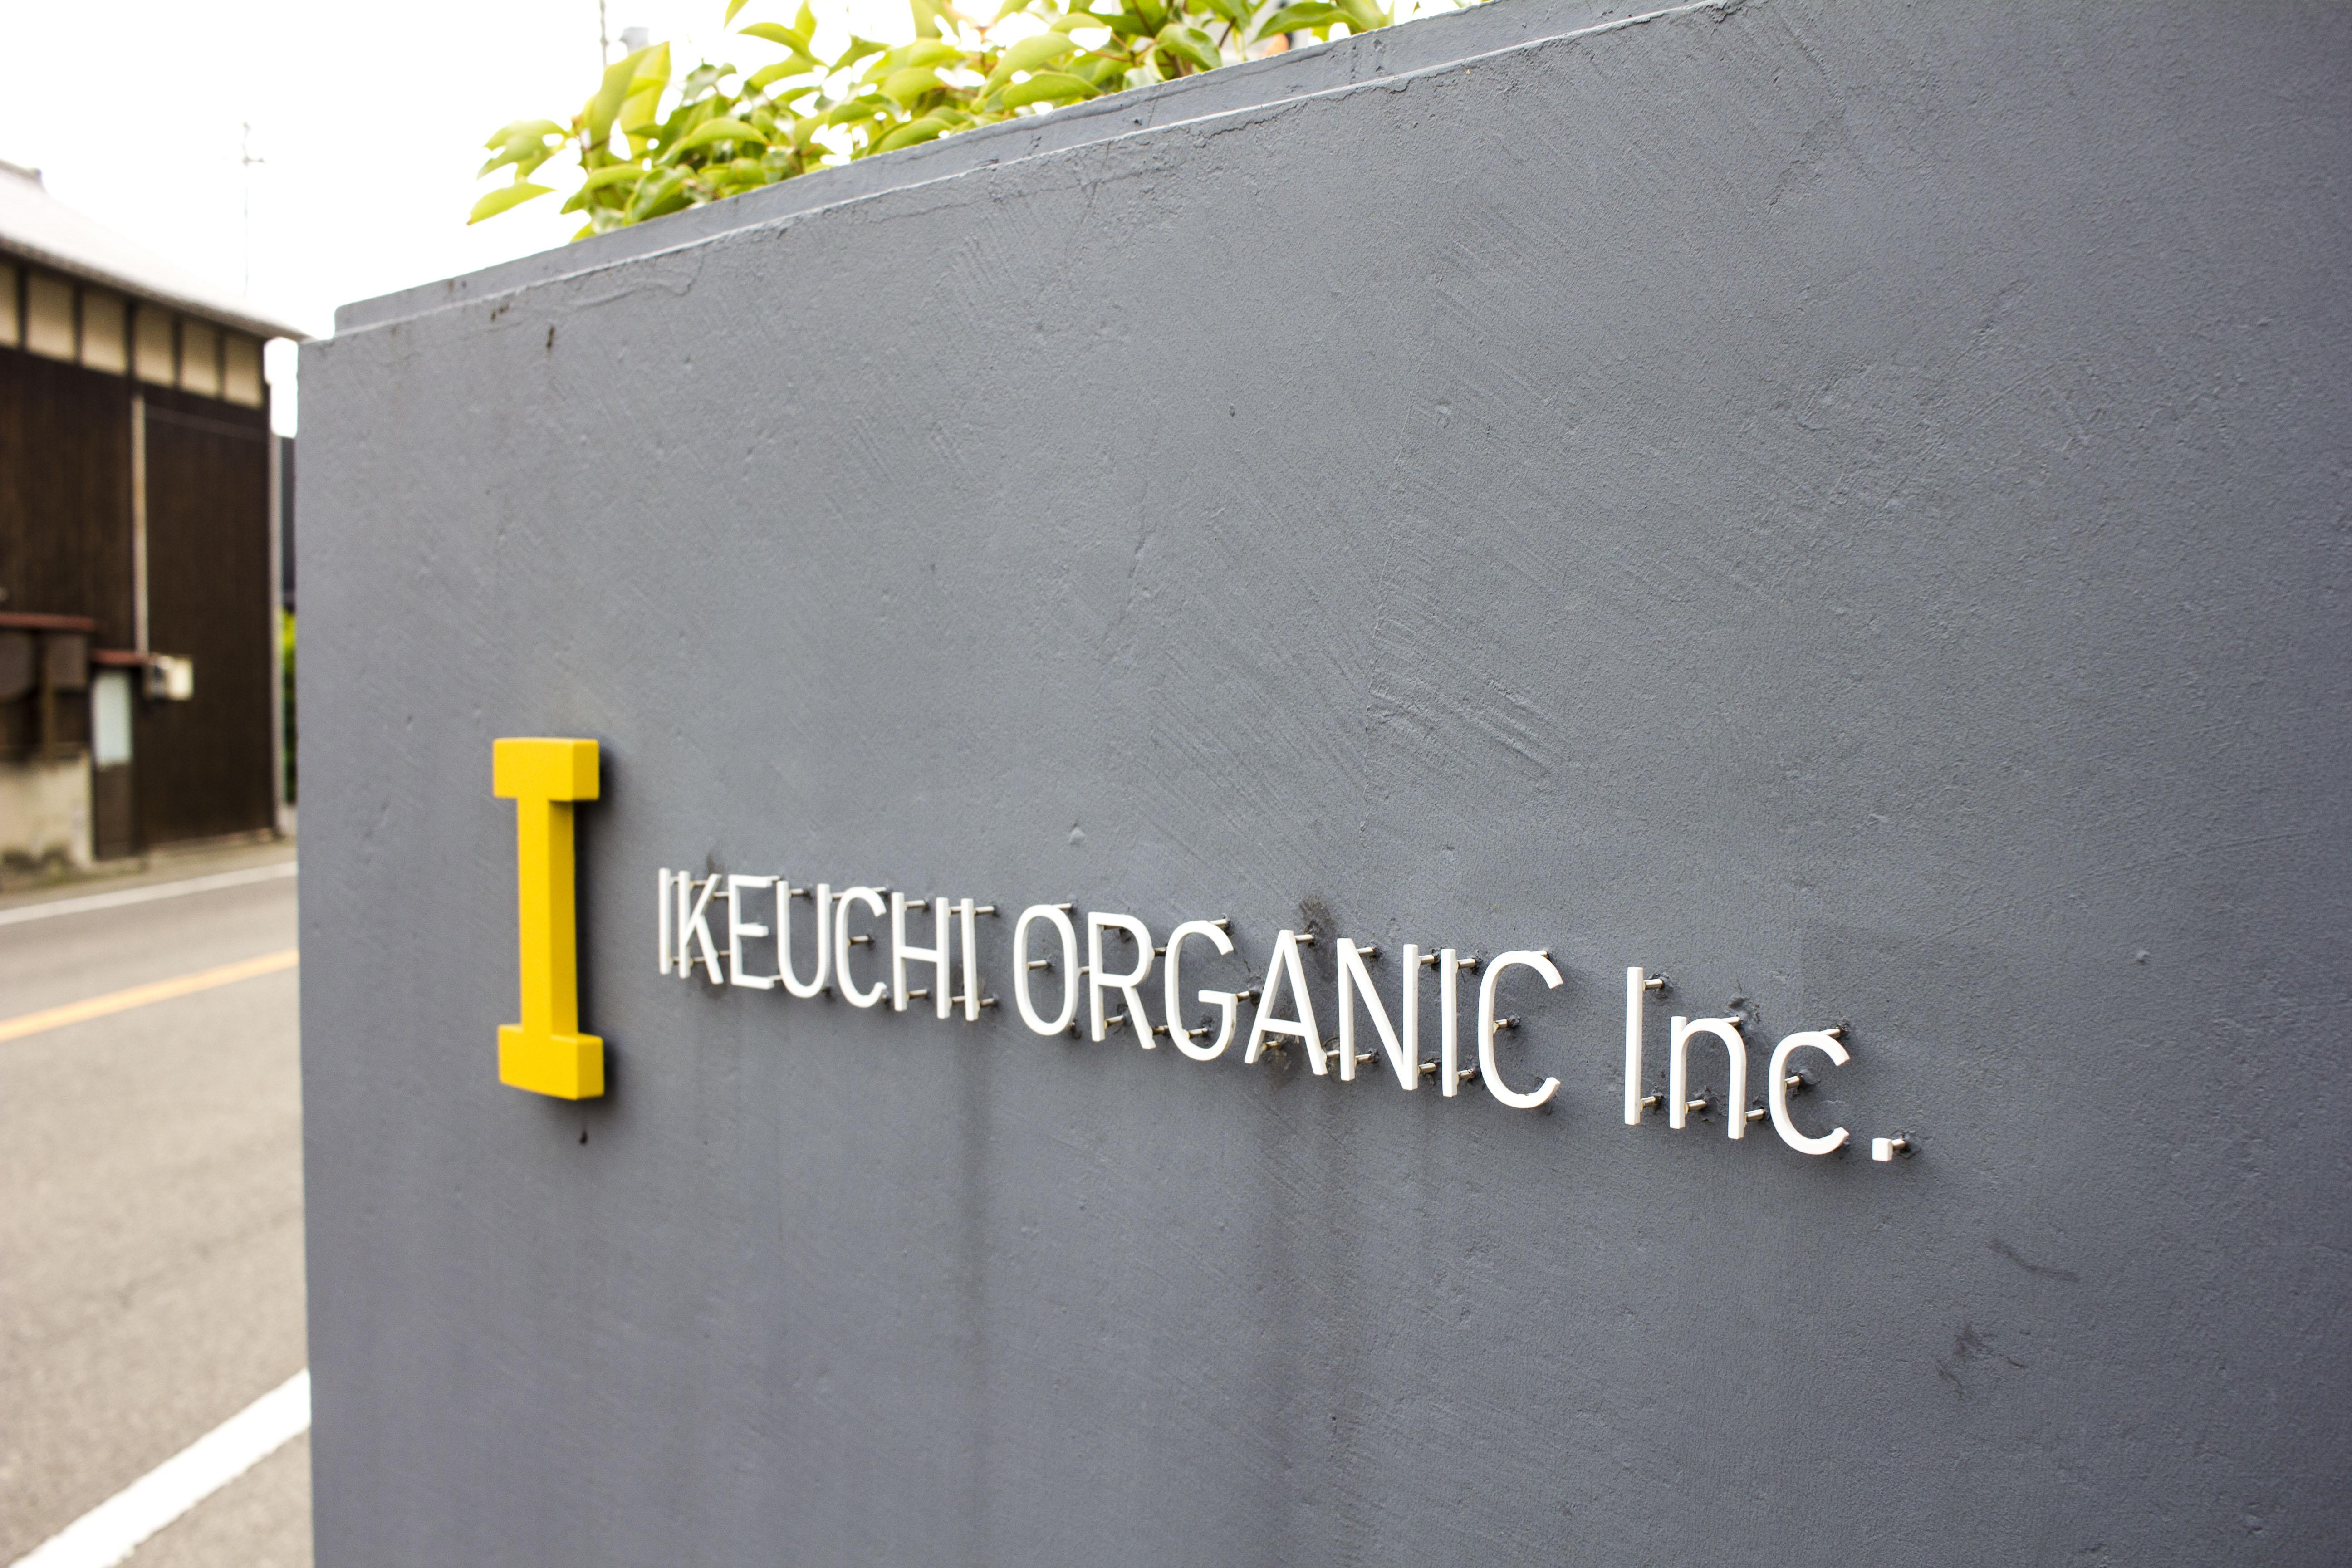 関わる全ての人とオーガニックな関係をつくる。最大限の安全と最小限の環境負荷を追求するテキスタイルカンパニー「IKEUCHI ORGANIC 株式会社」【これからの1000年を紡ぐ企業】